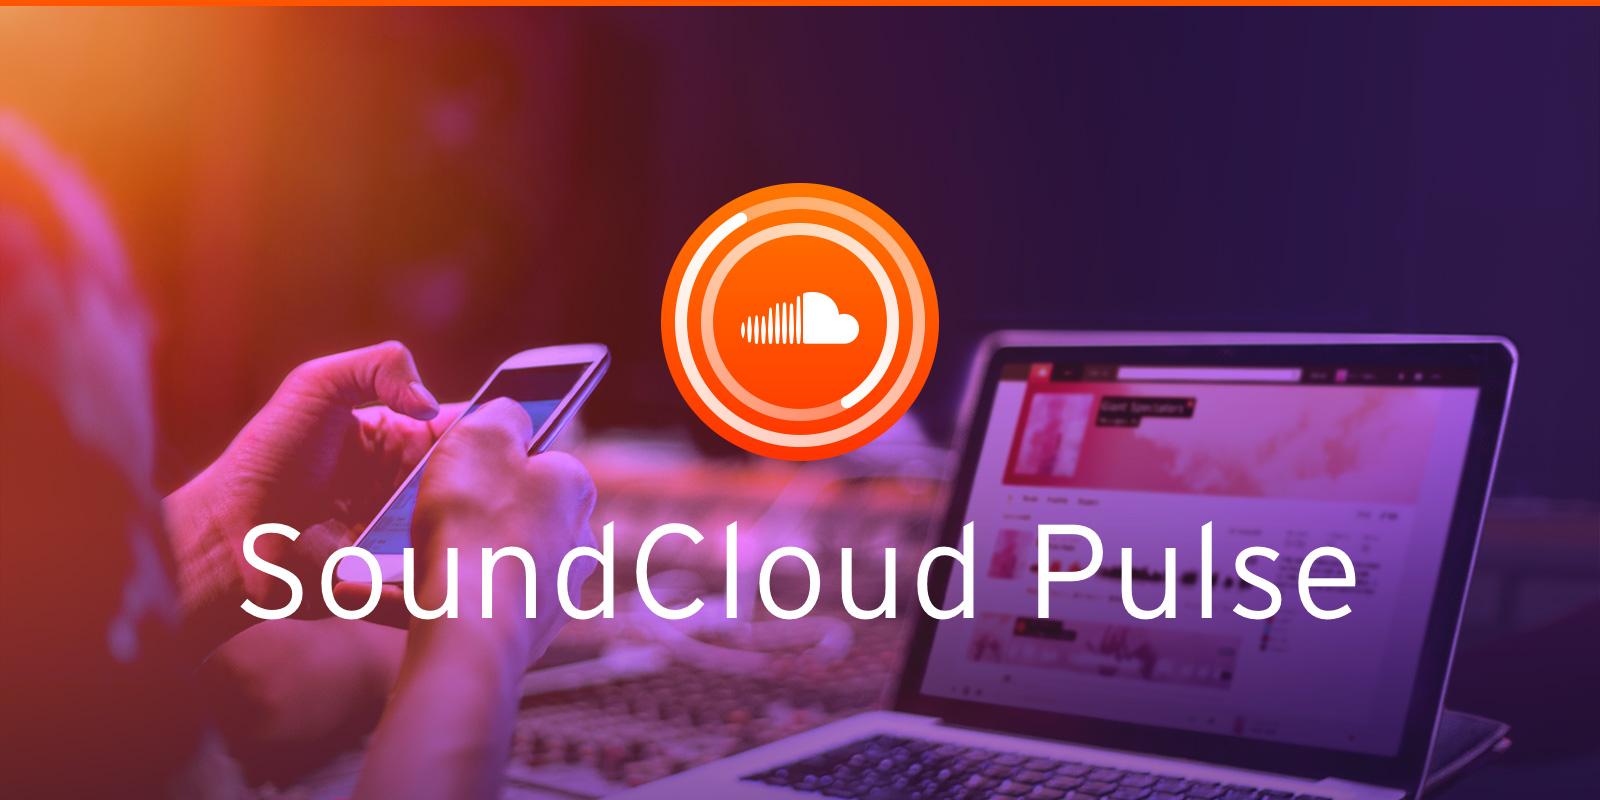 SoundCloud dévoile SoundCloud Pulse pour les créateurs de contenu